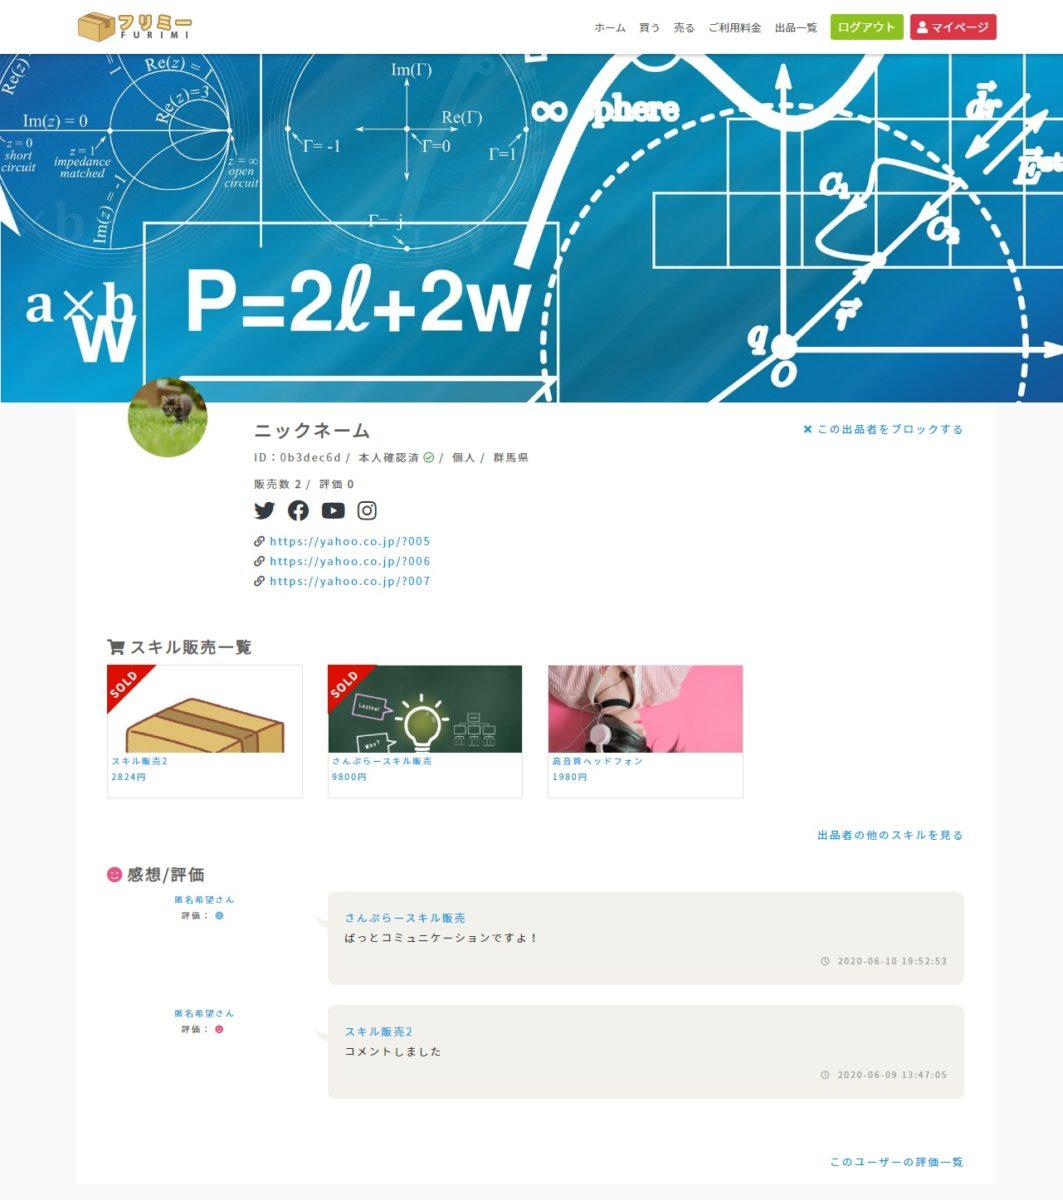 マイページの表示例